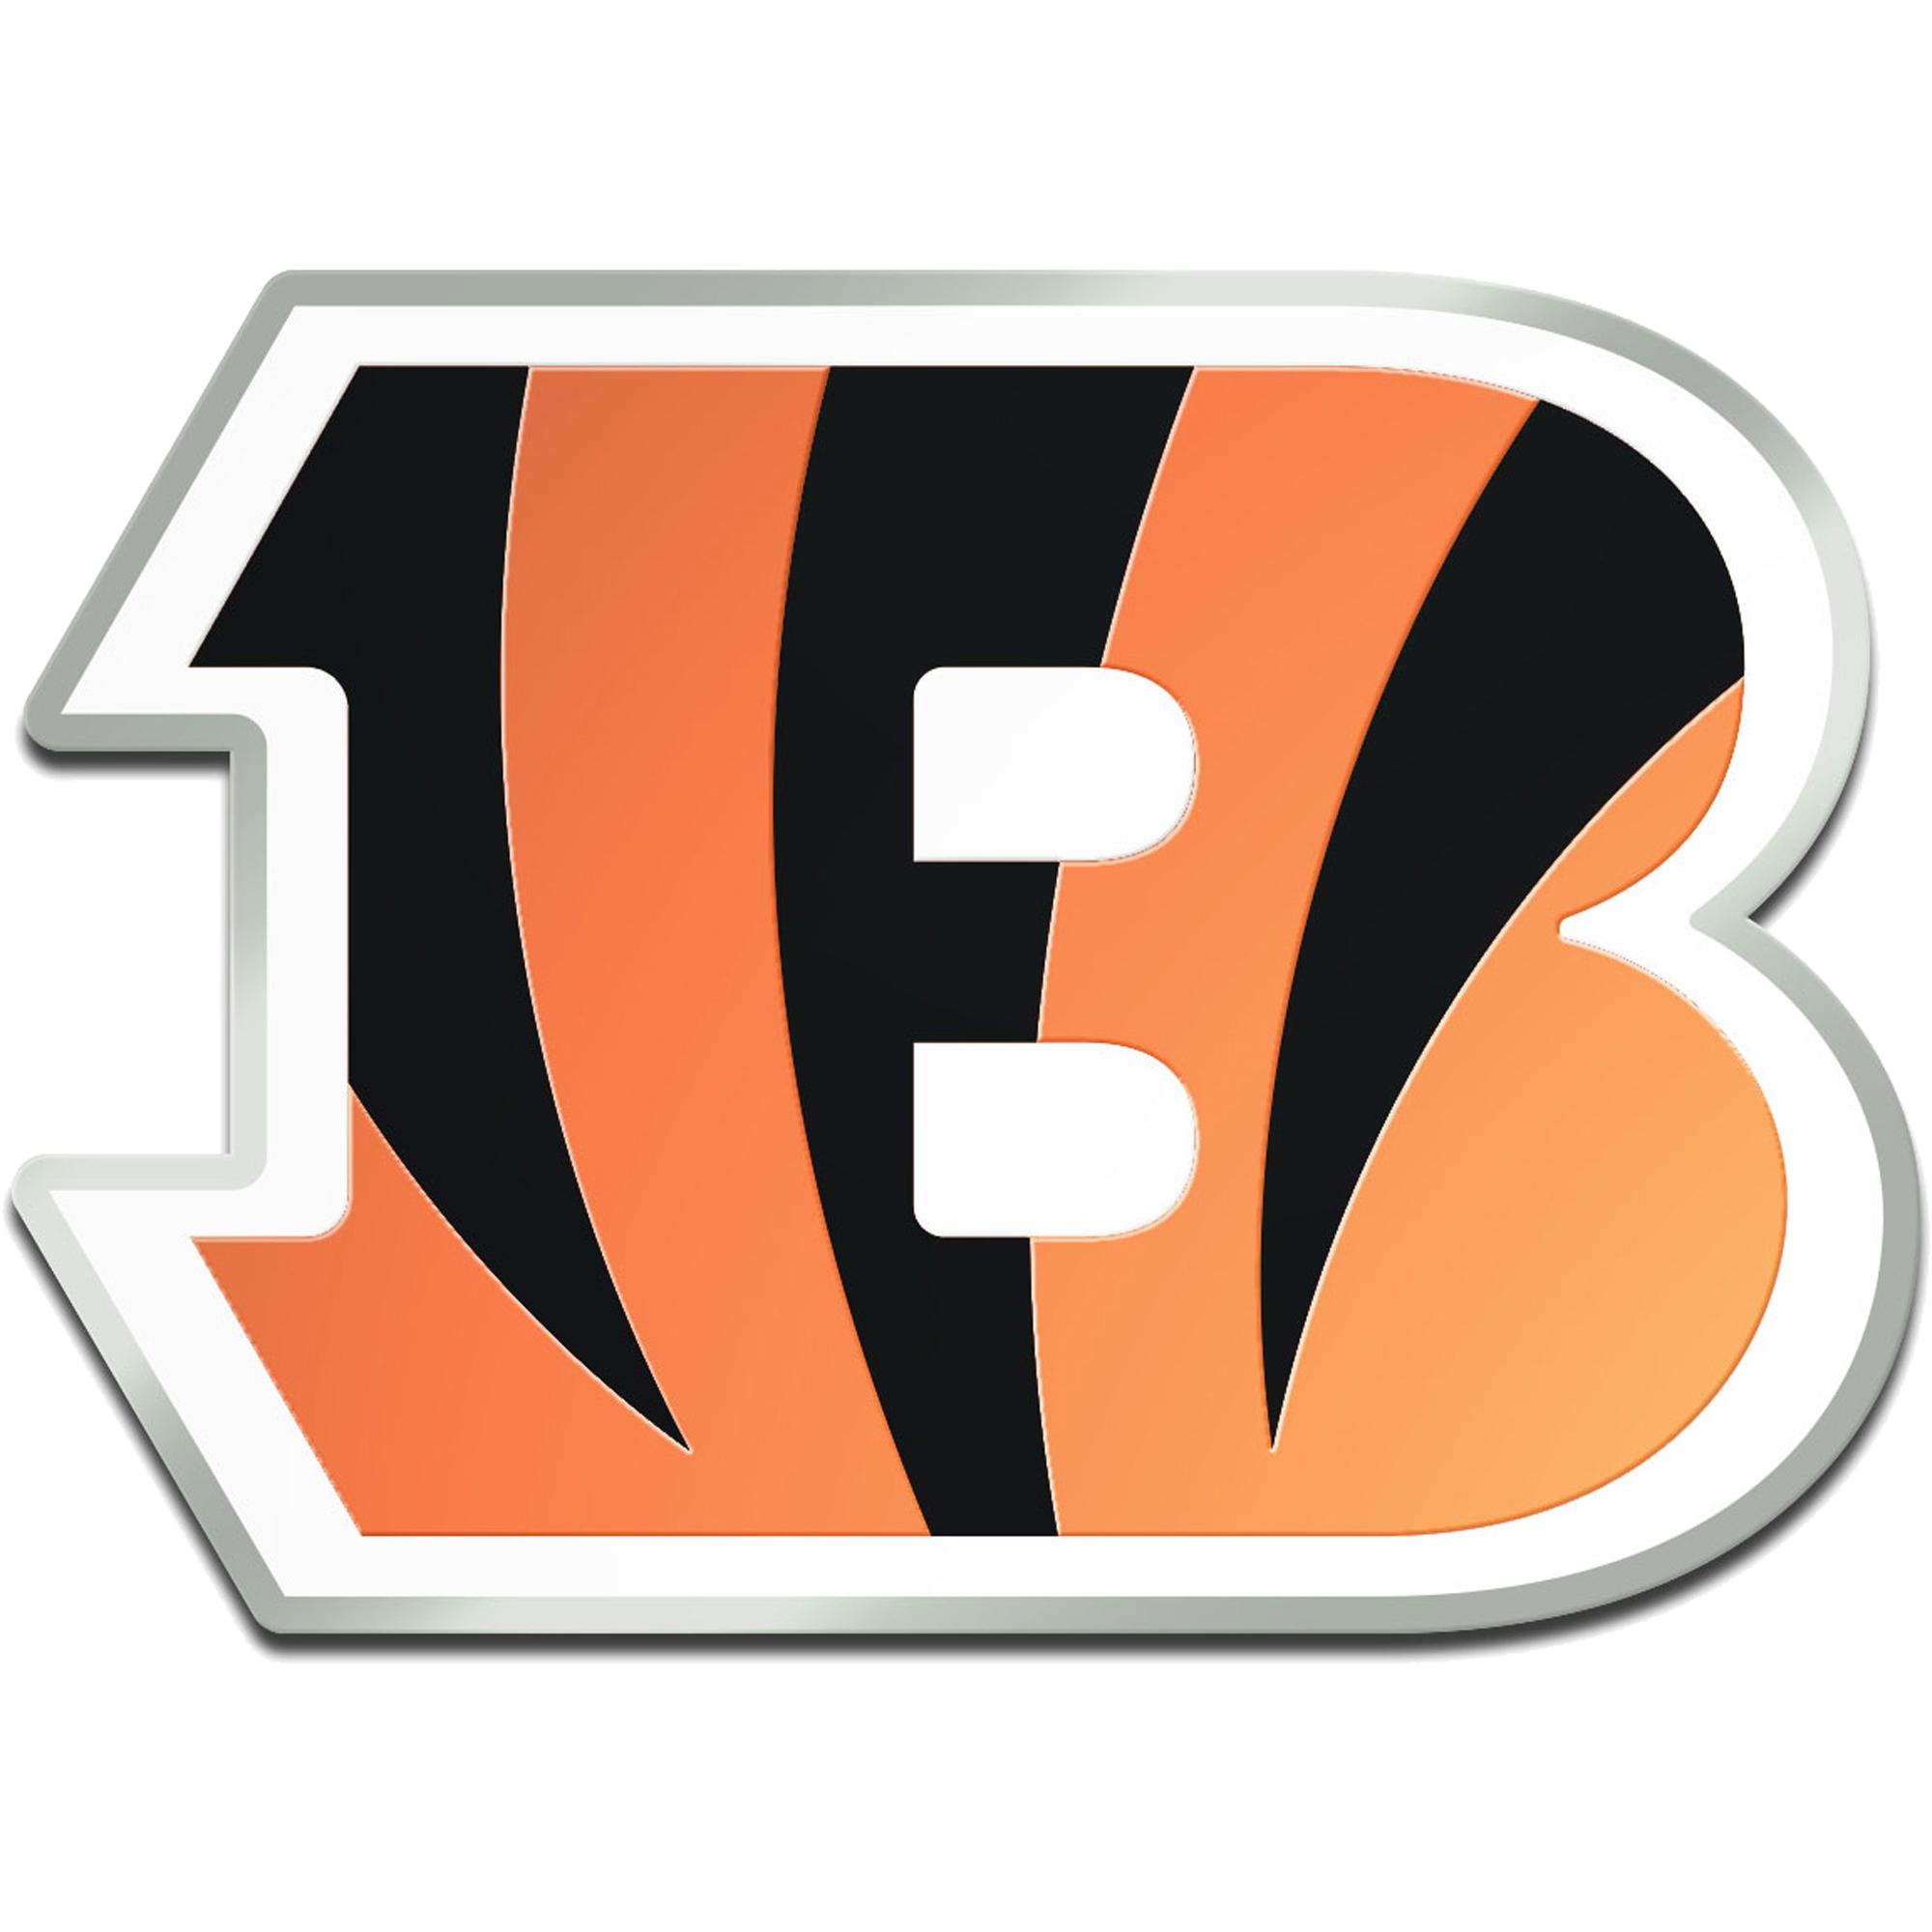 Cincinnati Bengals Metallic Freeform Logo Auto Emblem - No Size